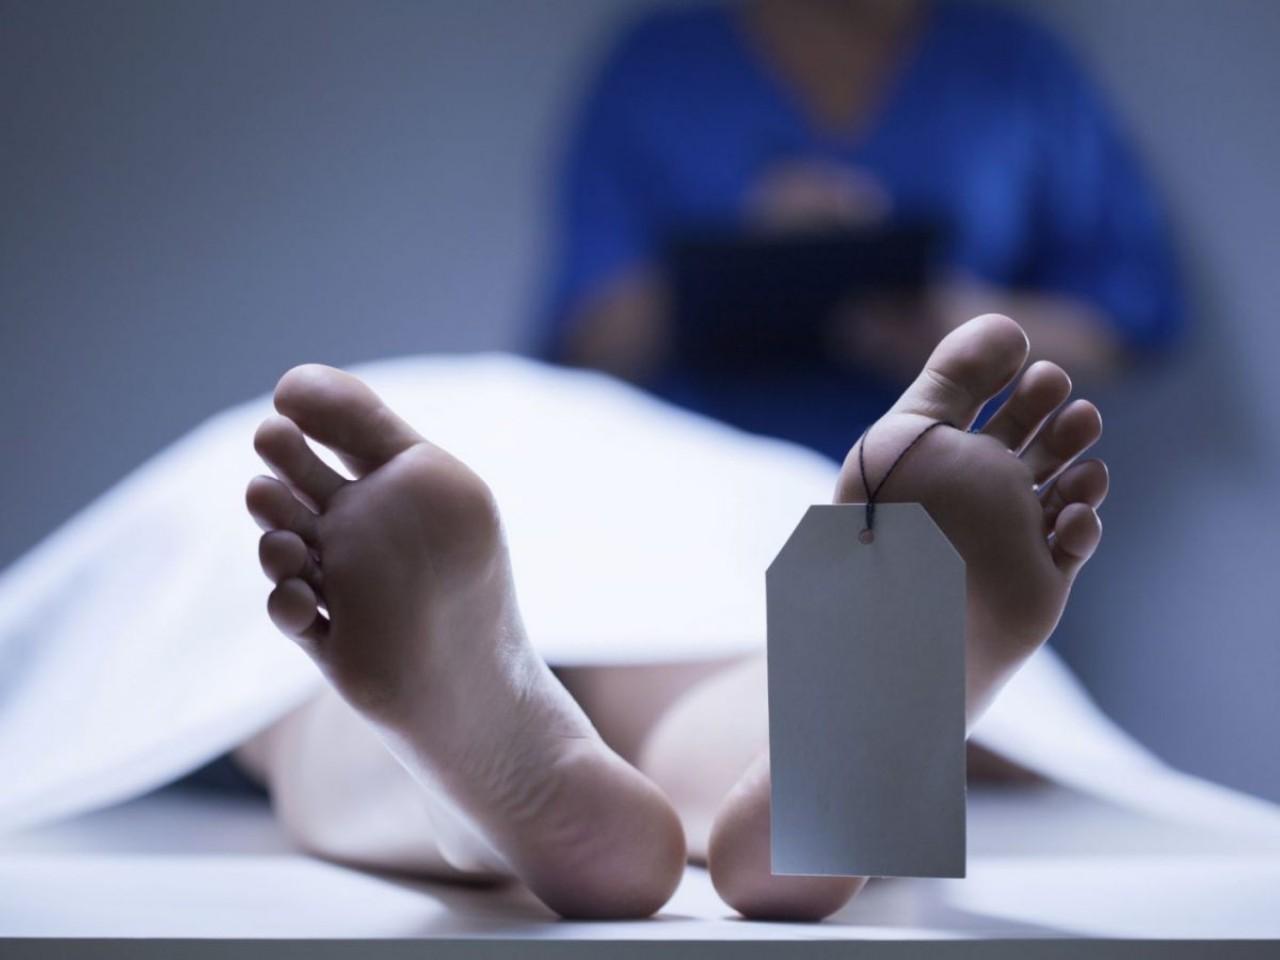 بحر العرائش يلفظ جثة شابة بعد اختفائها بساعات قليلة